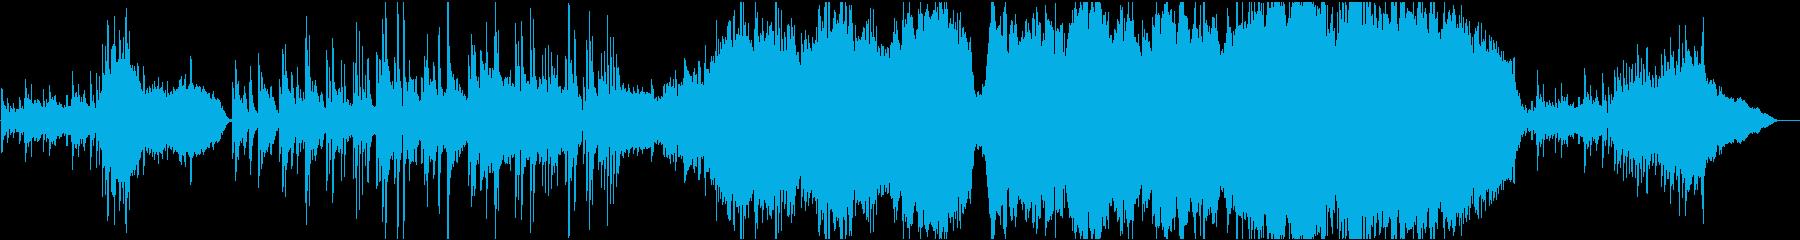 ストリングスとホルンが印象的なバラードの再生済みの波形